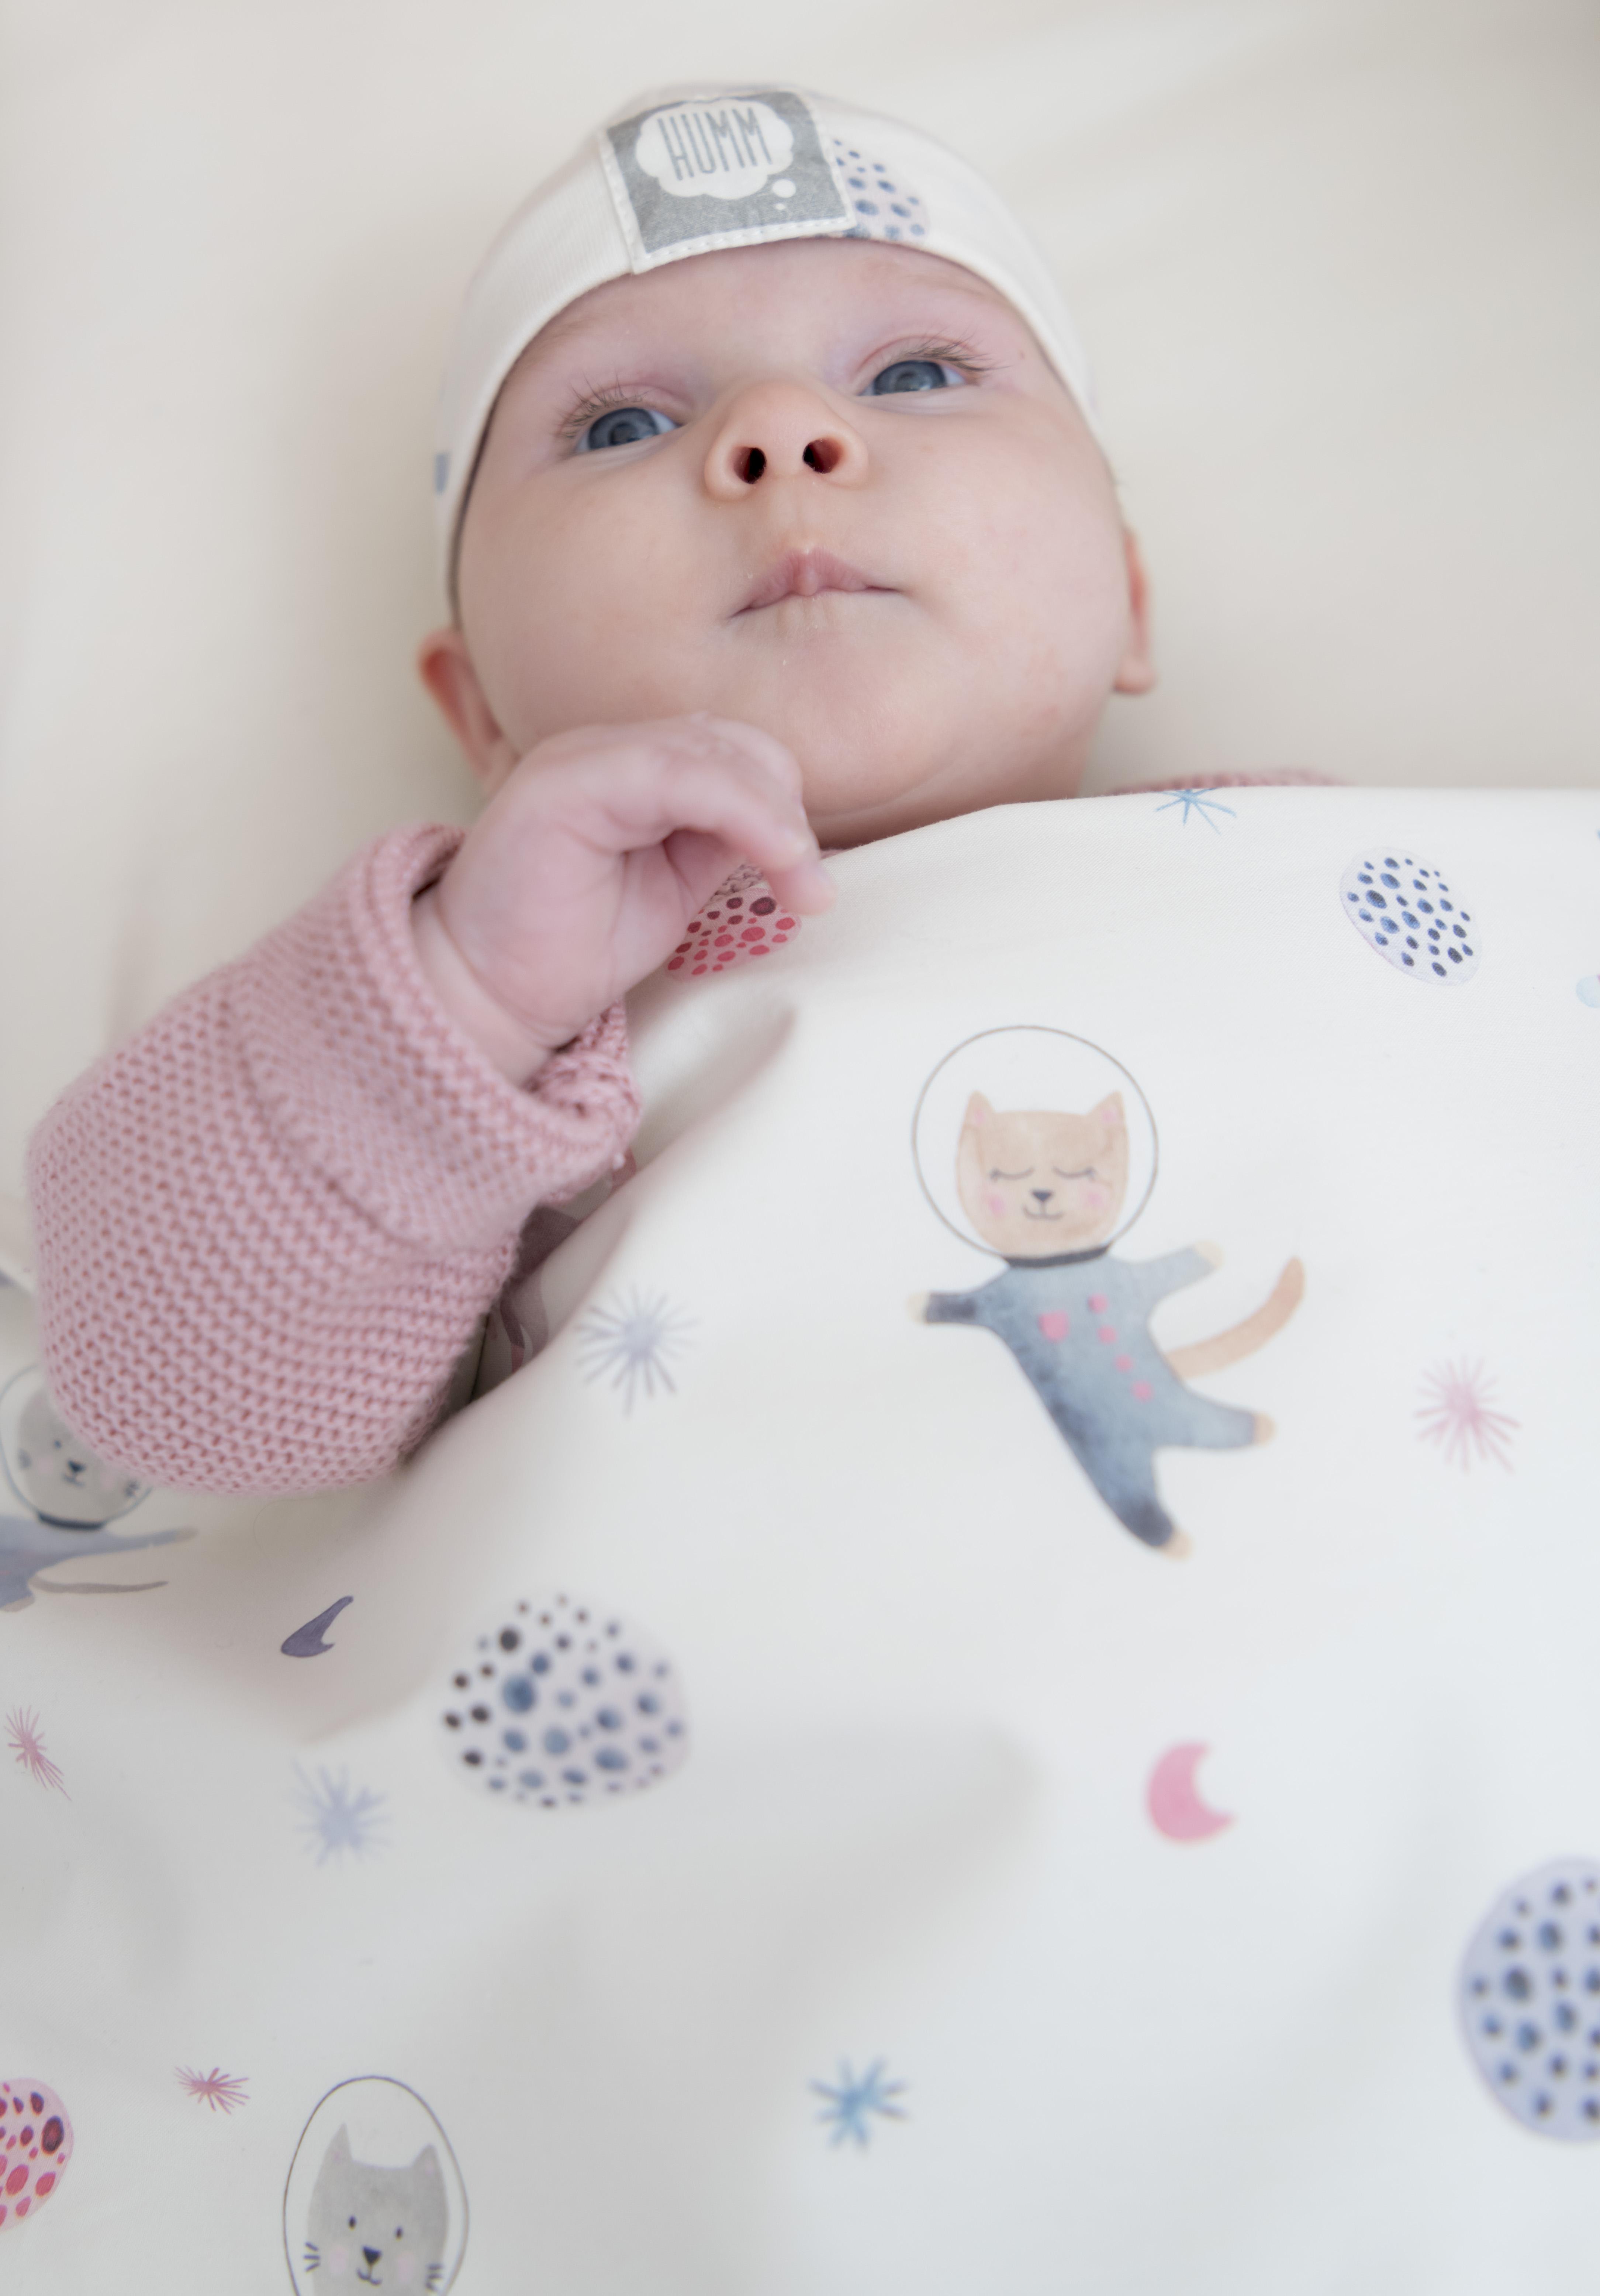 Humm baby-Linn Behrendt